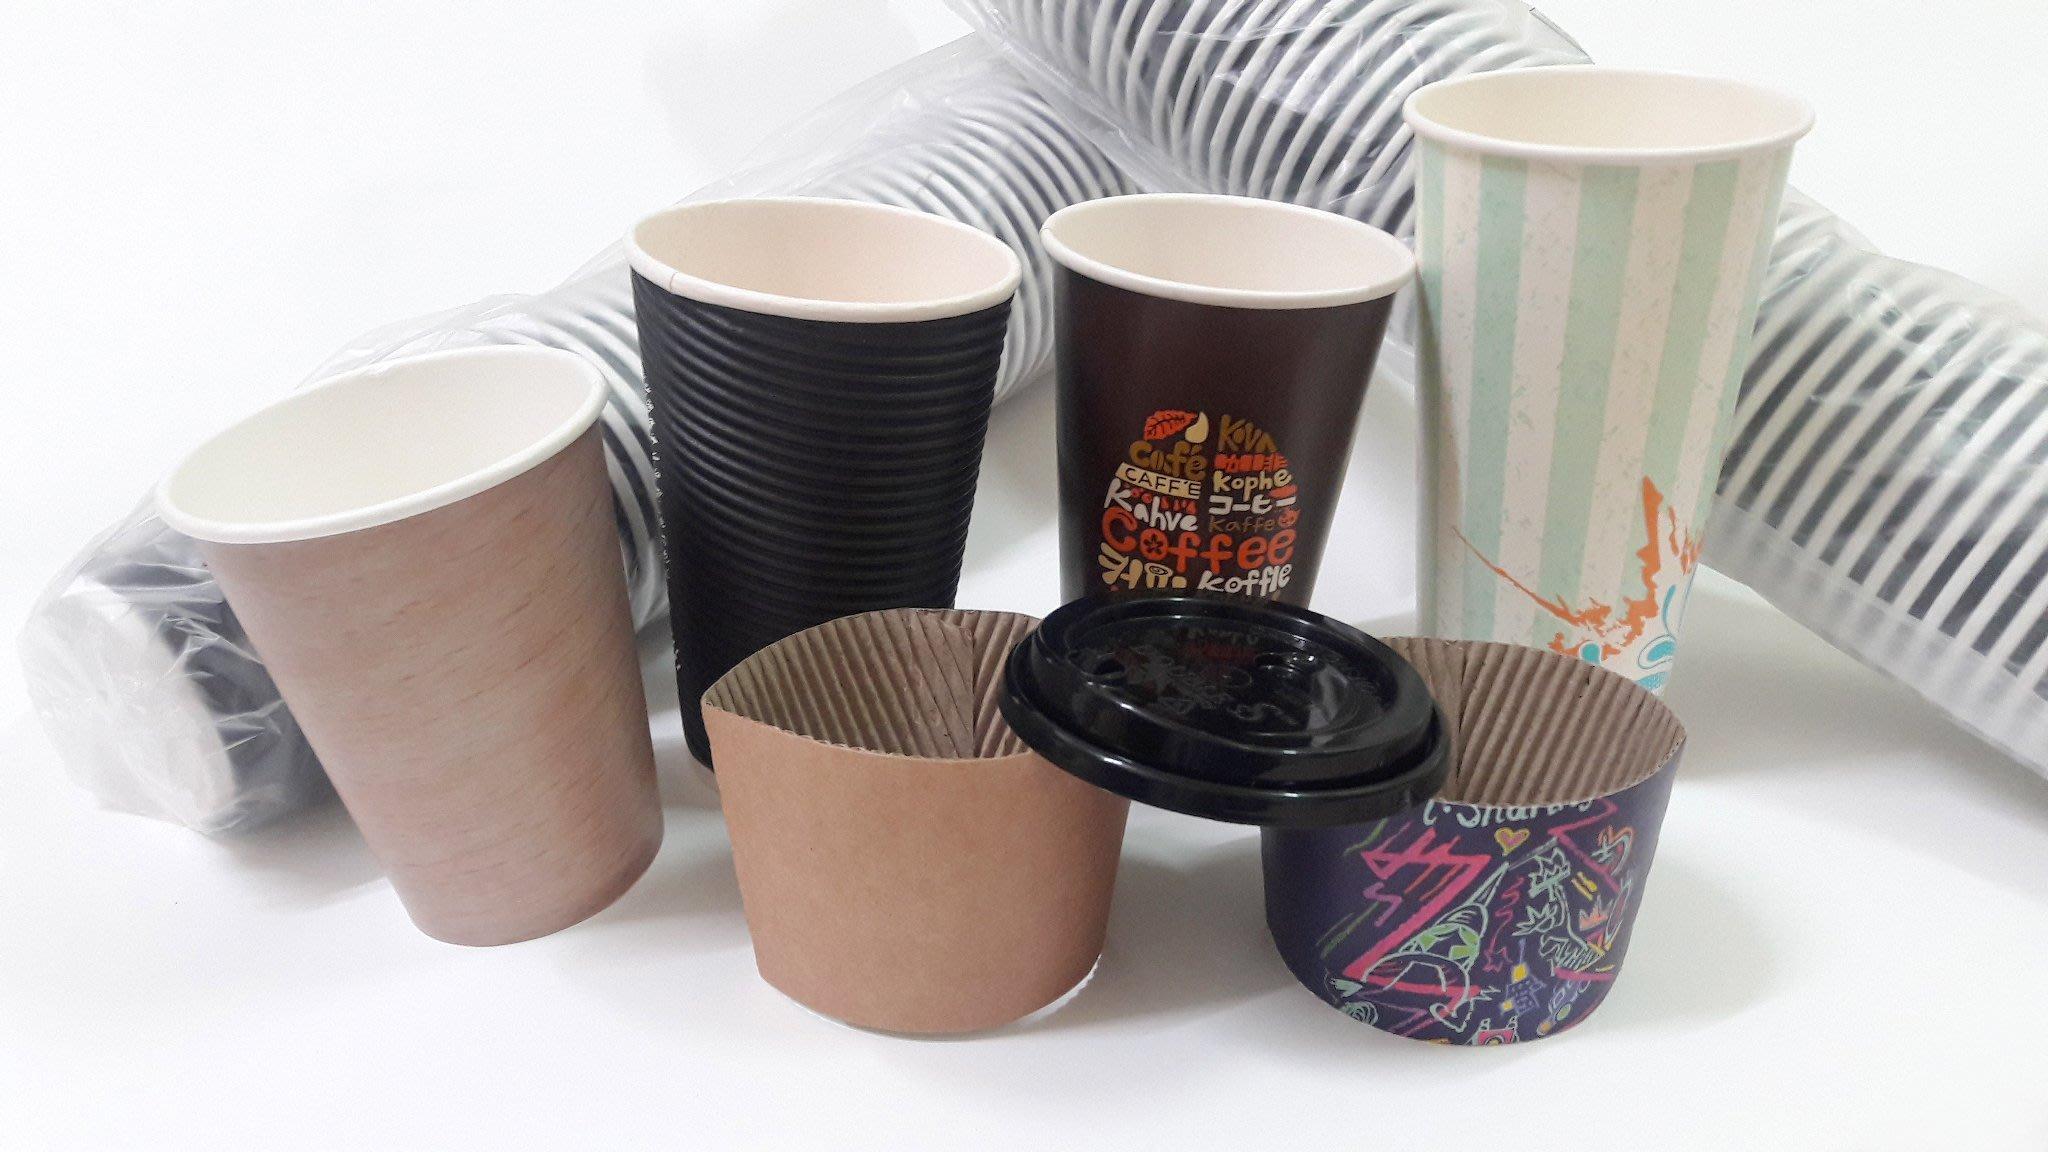 {客製化}7oz8oz9oz12oz14oz16oz22oz 紙杯 咖啡杯 冷熱共用杯 杯套 杯蓋 雙面淋膜 訂做印刷